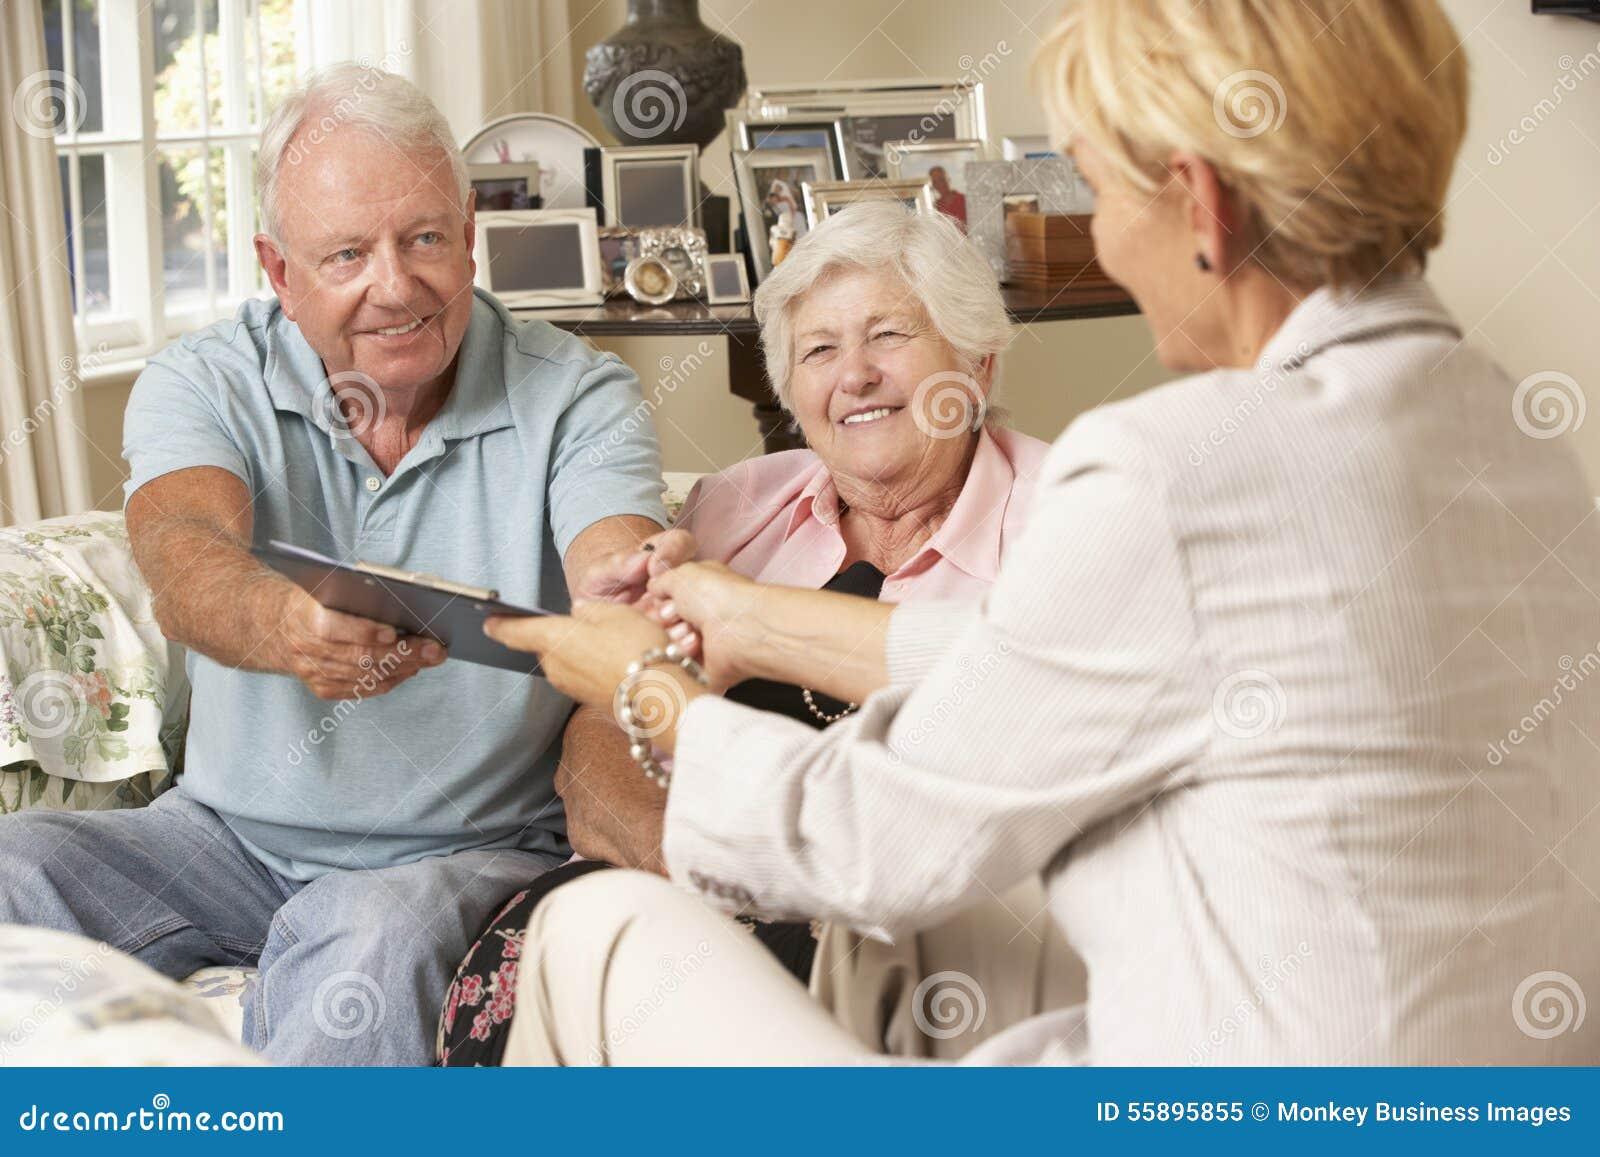 Pensionerat högt parsammanträde på Sofa Talking To Financial Advisor